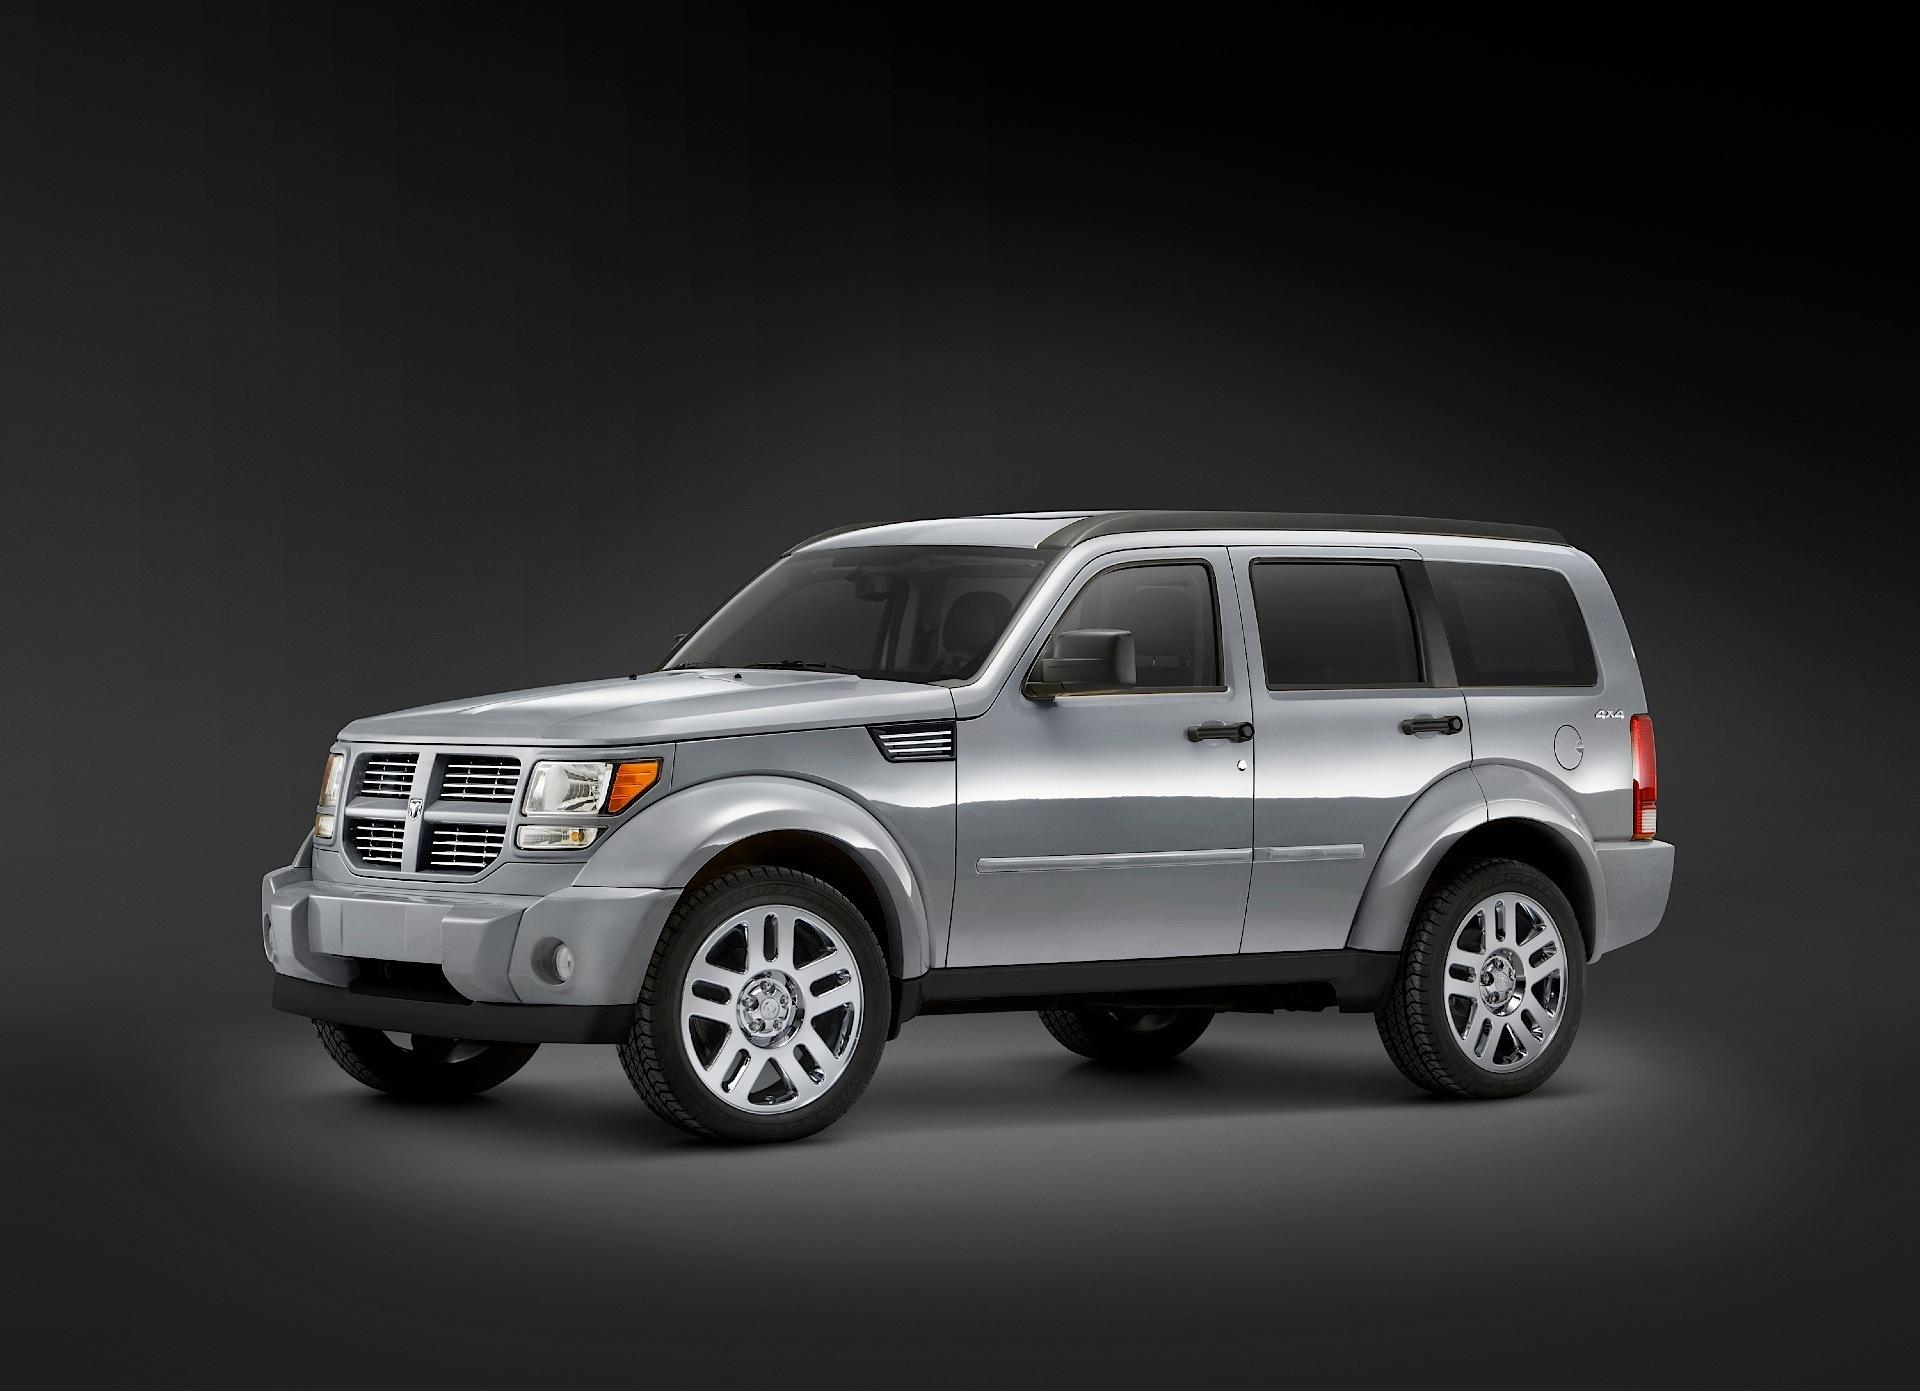 Jeep Wrangler Diesel >> DODGE Nitro specs - 2006, 2007, 2008, 2009, 2010, 2011 ...